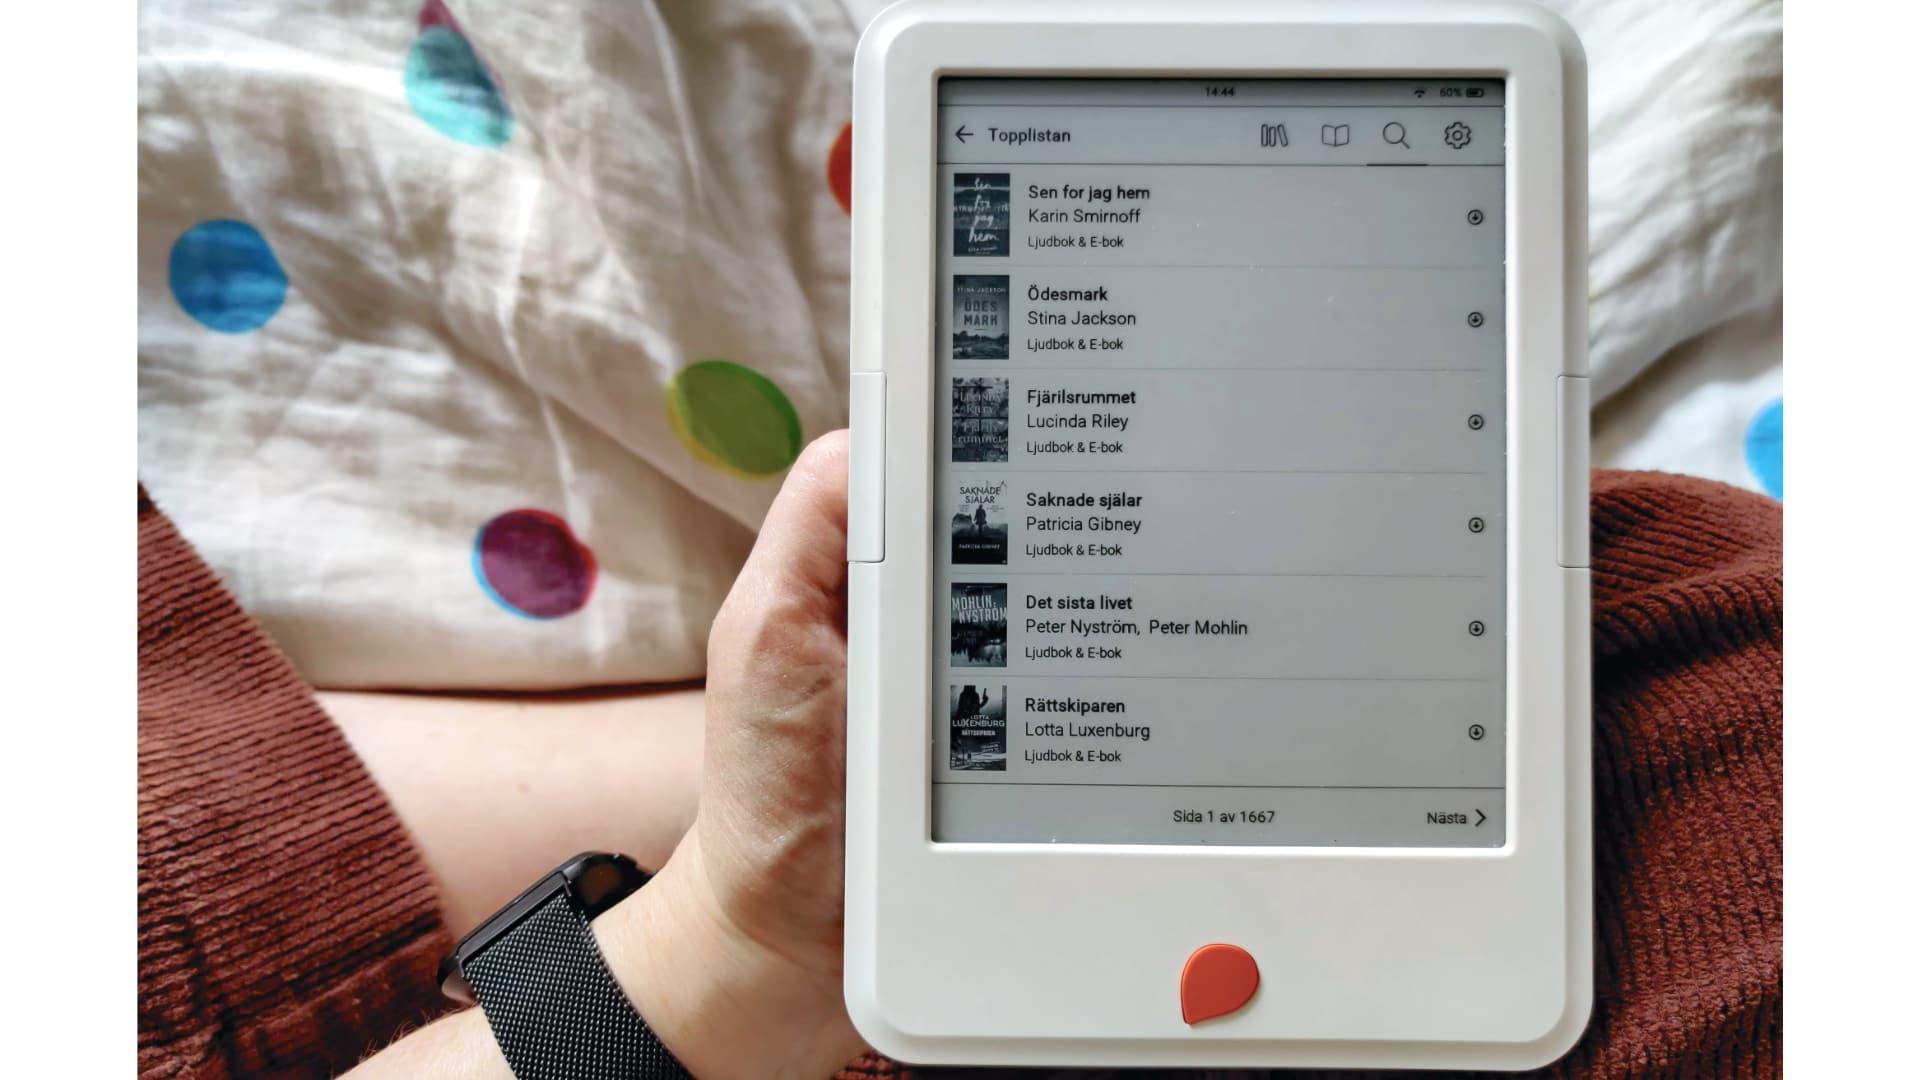 Billede af Storytel reader - der vælges titler fra menuen